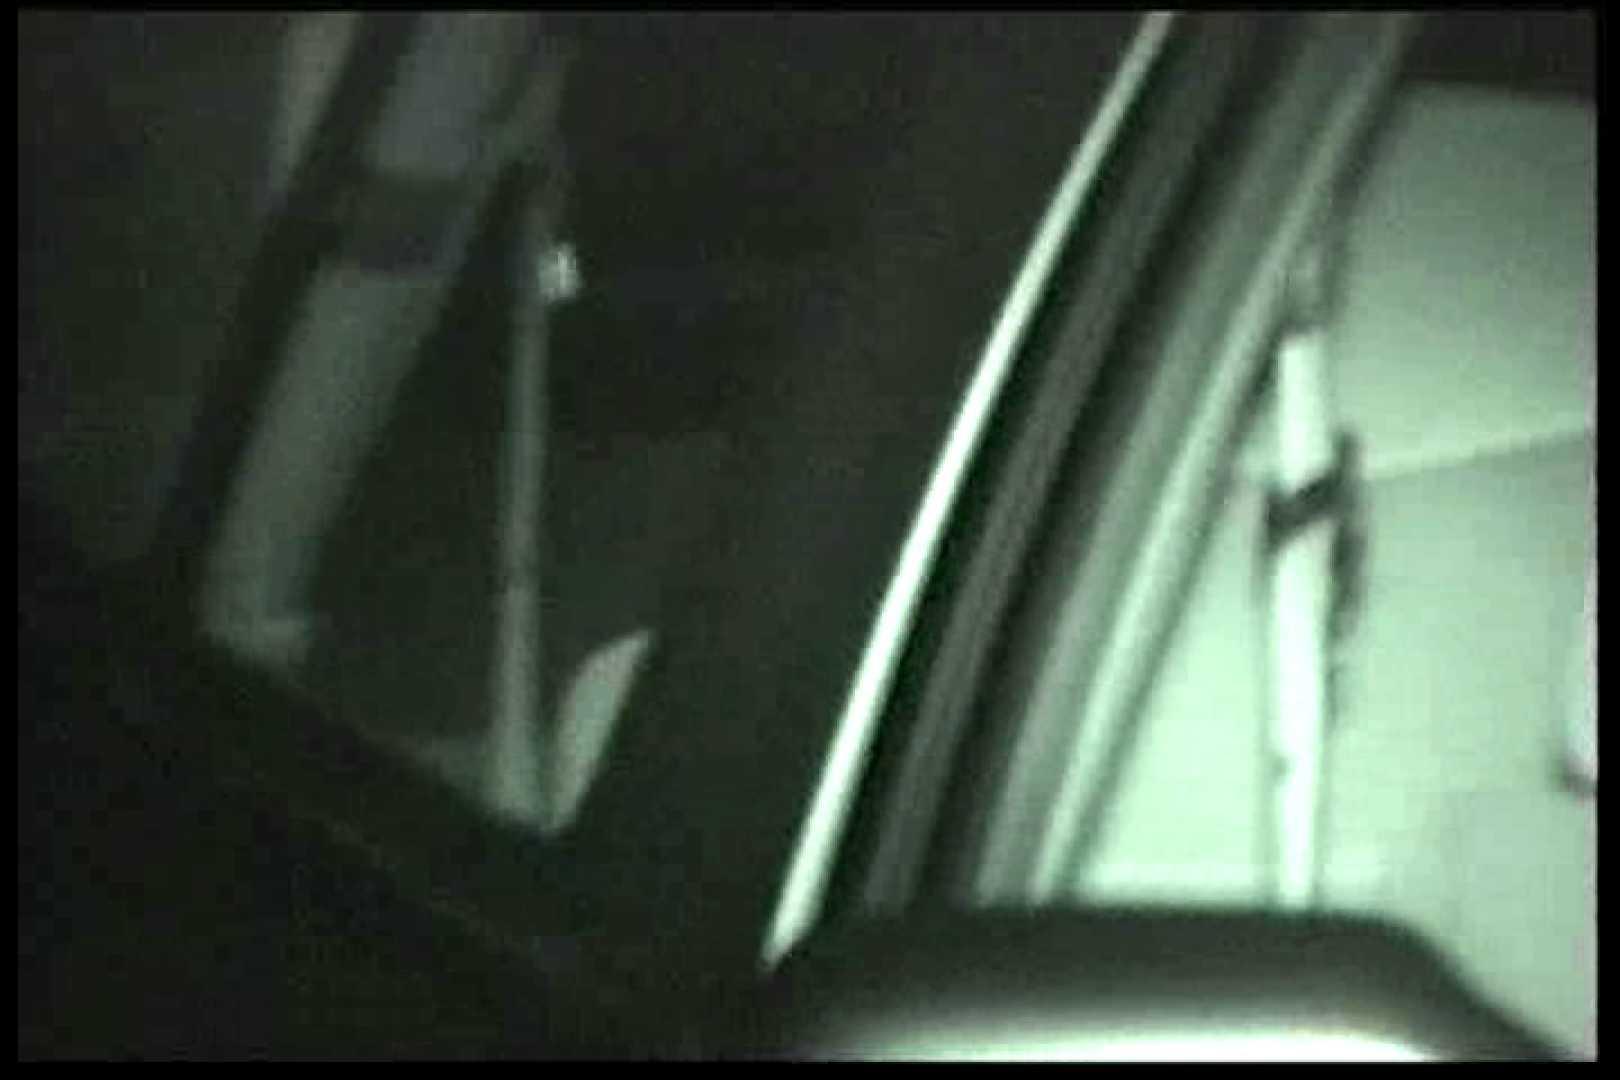 車の中はラブホテル 無修正版  Vol.14 車 のぞき動画画像 87pic 39